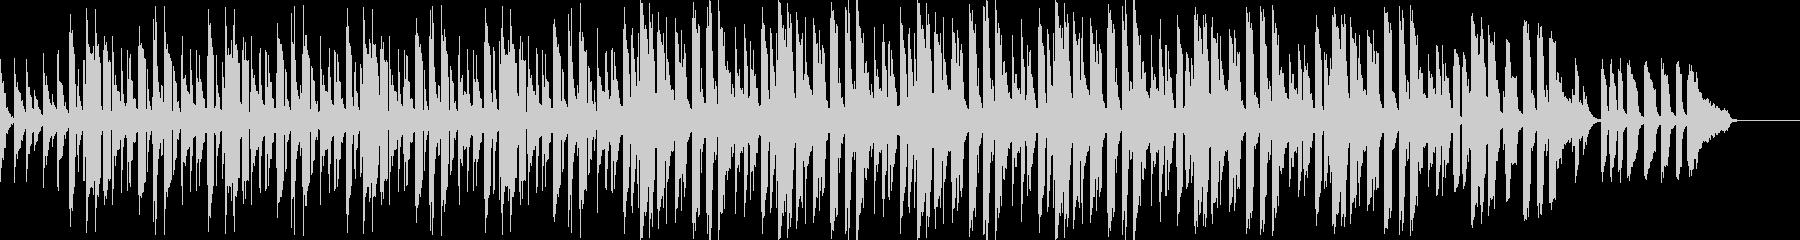 スローテンポスウィングverの未再生の波形